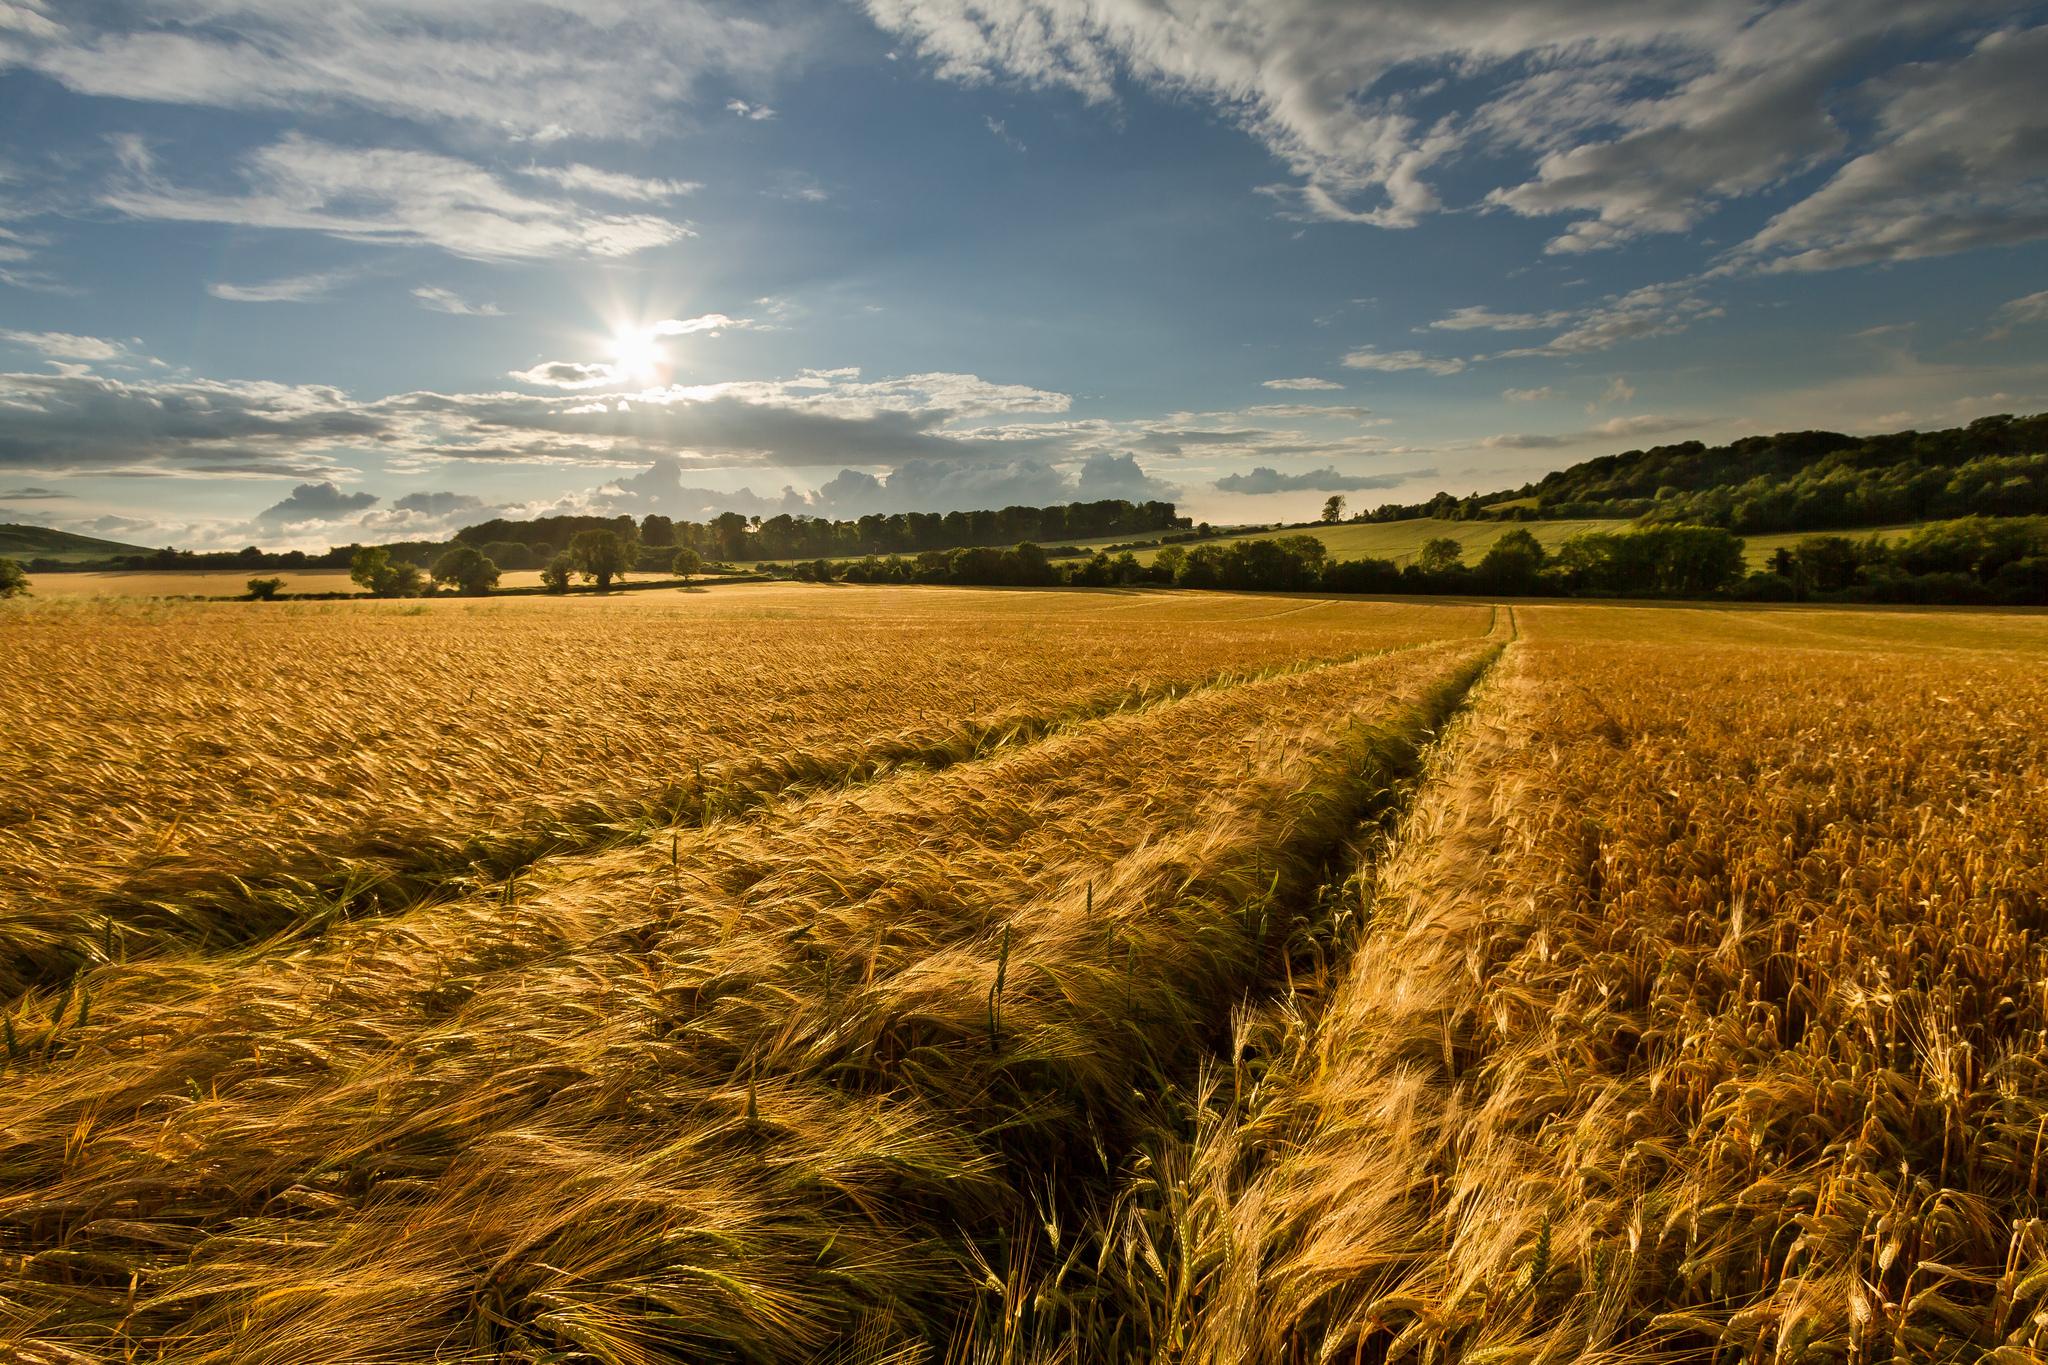 Картинки лето поле пшеницы, картинки